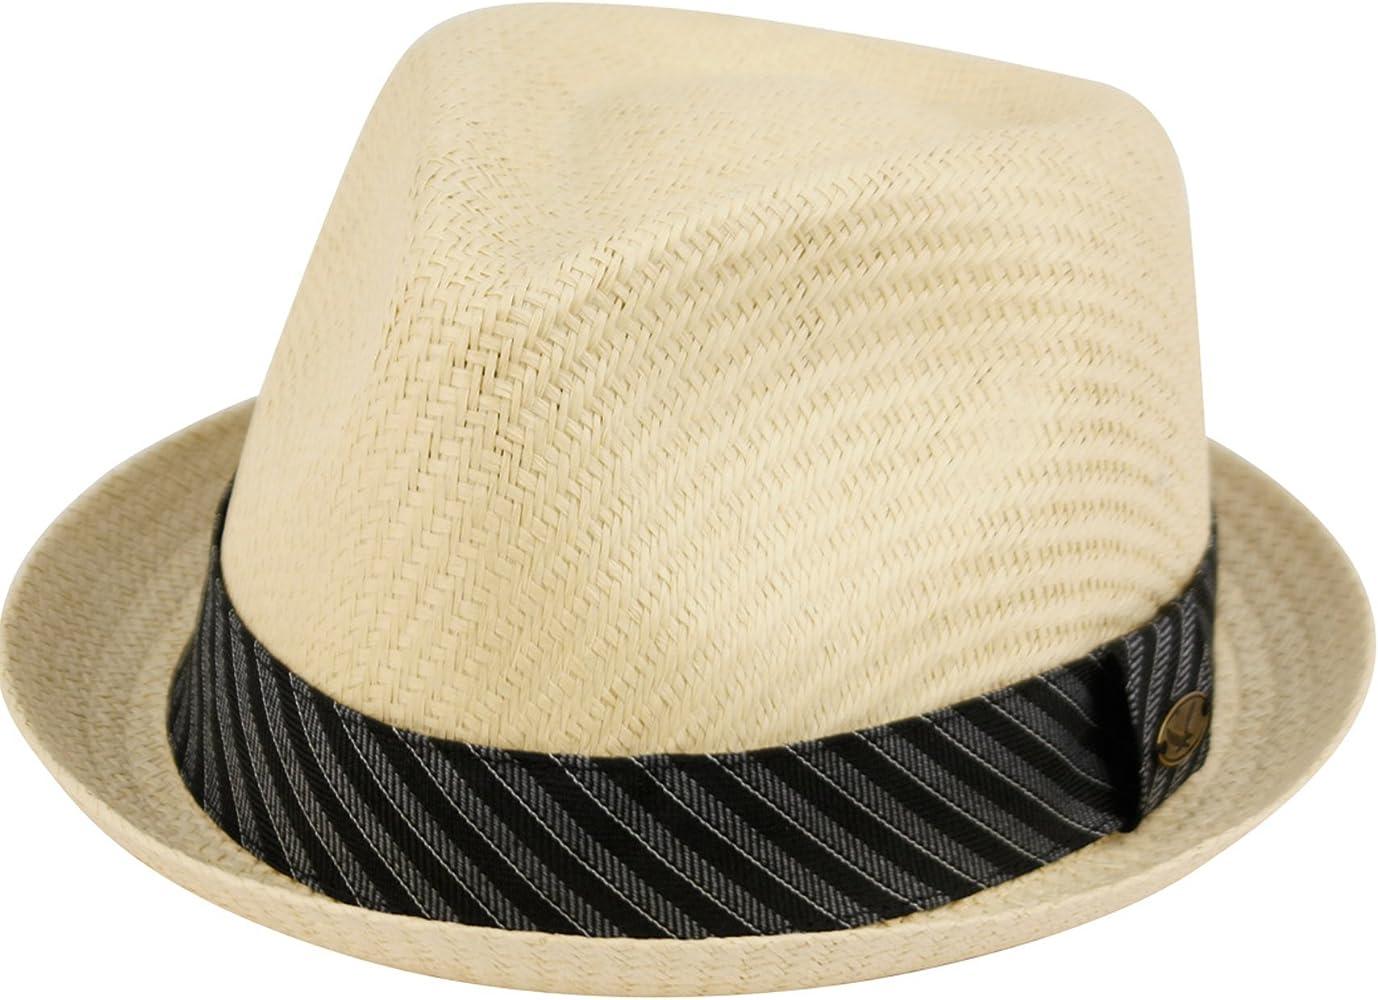 183e0d840 Mens Summer Fedora Cuban Style Upturn Short Brim Hat